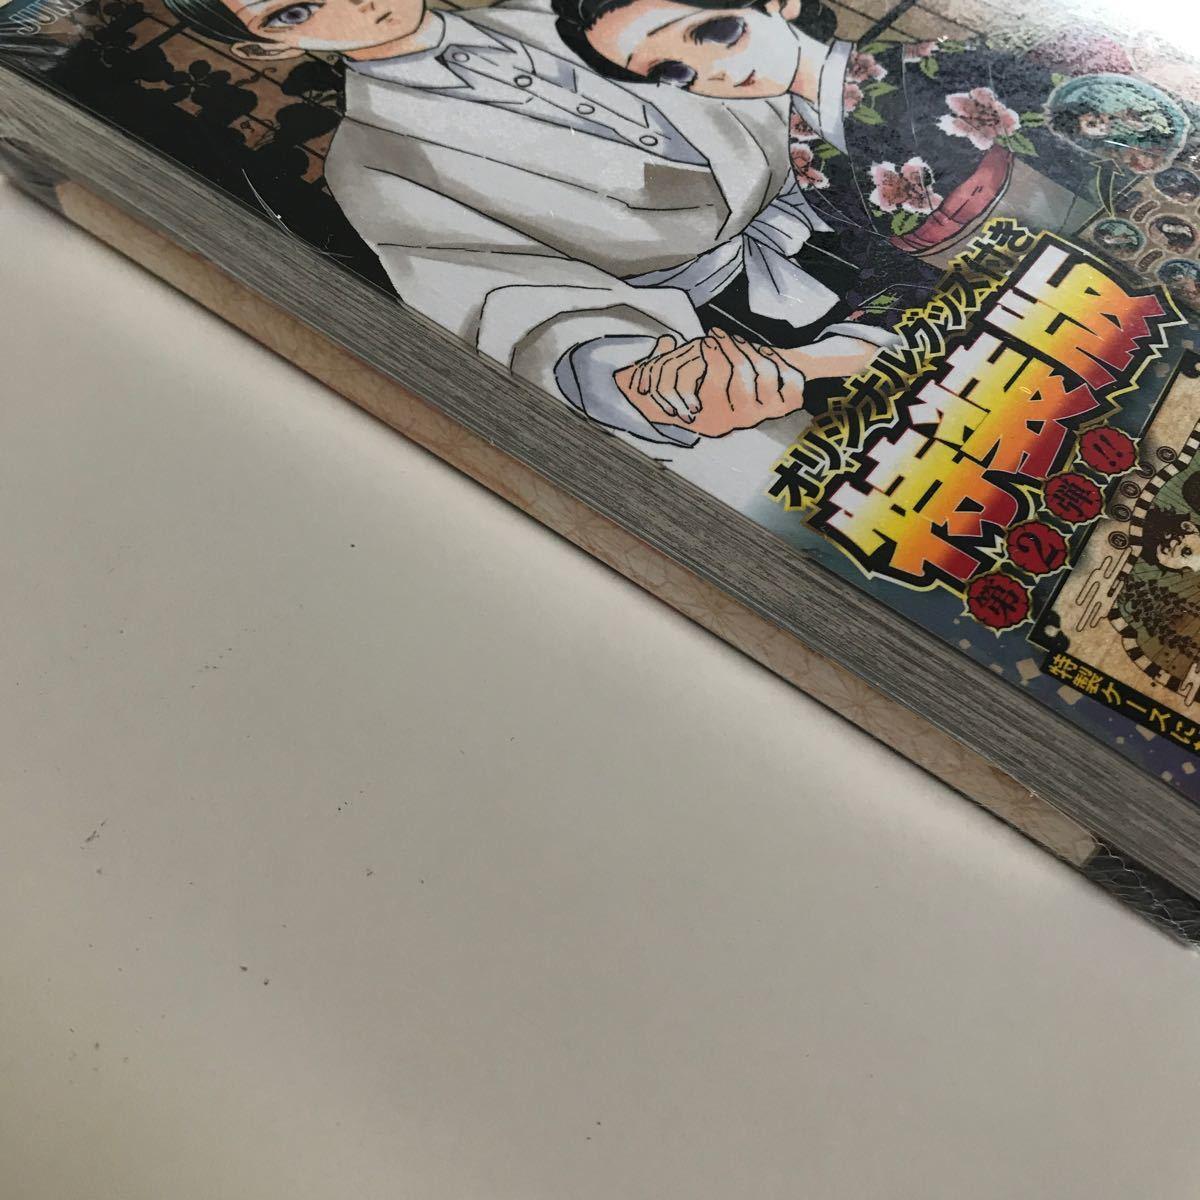 鬼滅の刃 21巻シールセット付き特装版 (ジャンプコミックス) 新品未開封 初版